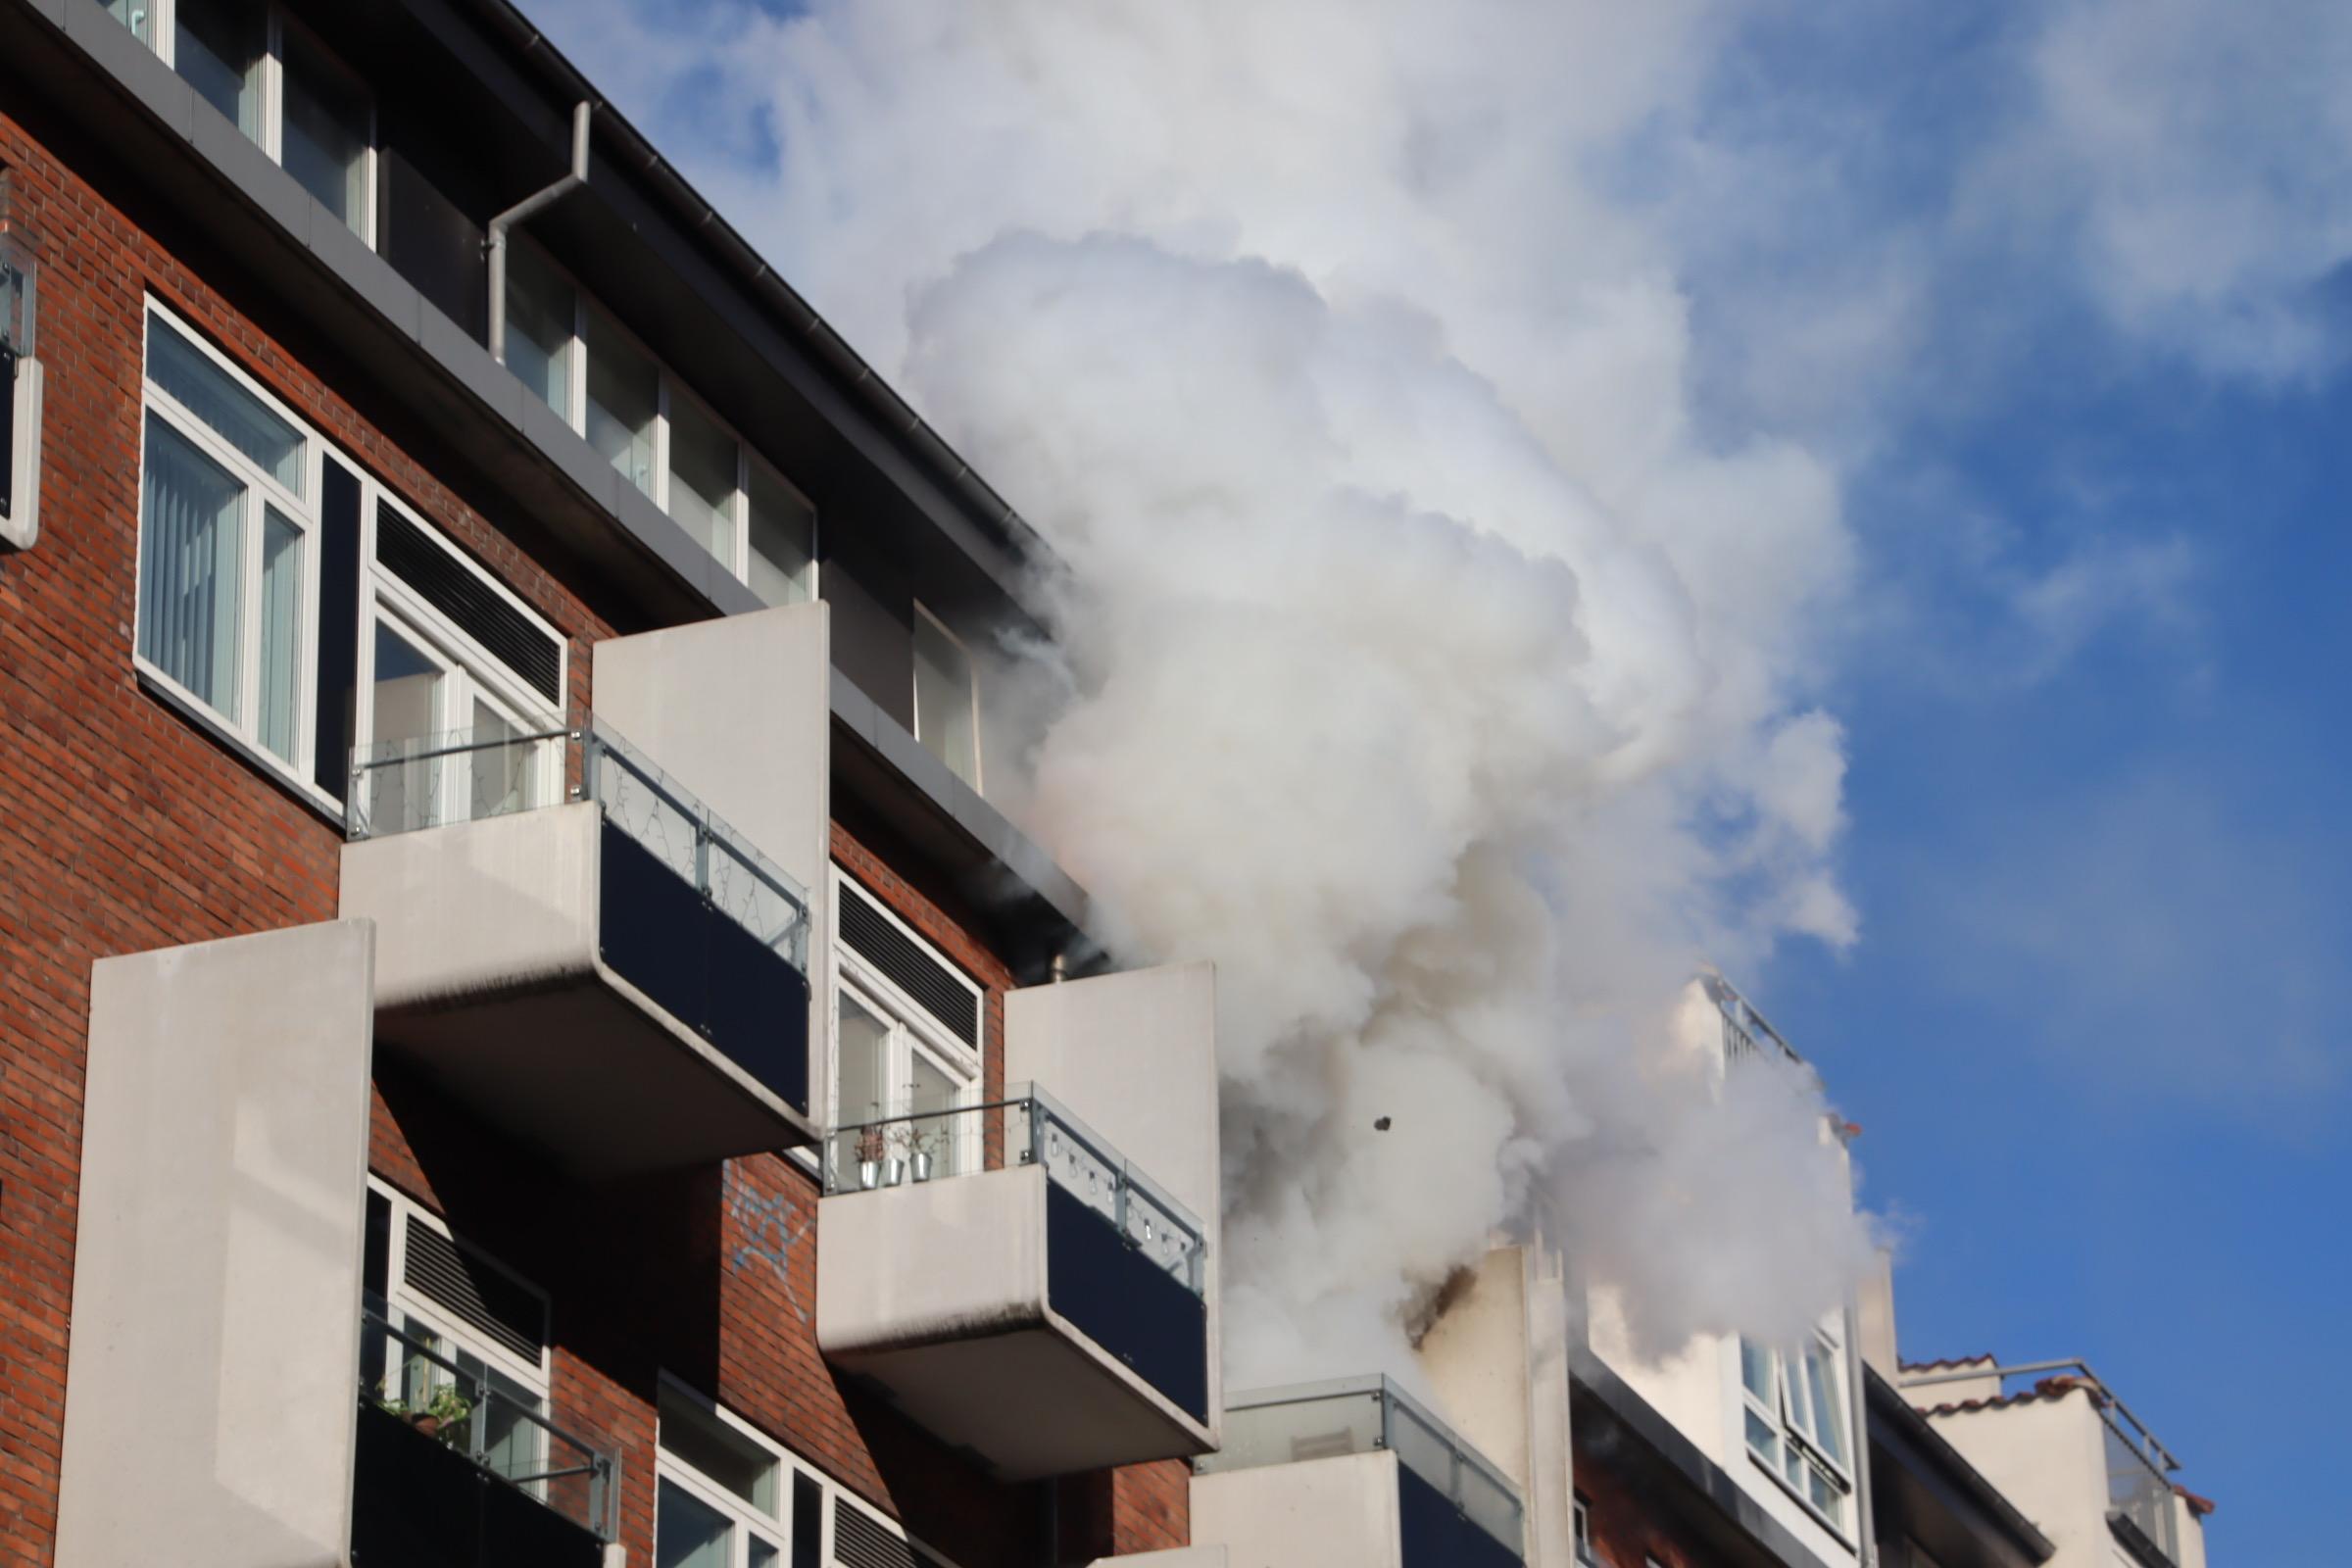 Voldsom lejlighedsbrand i Aarhus Centrum